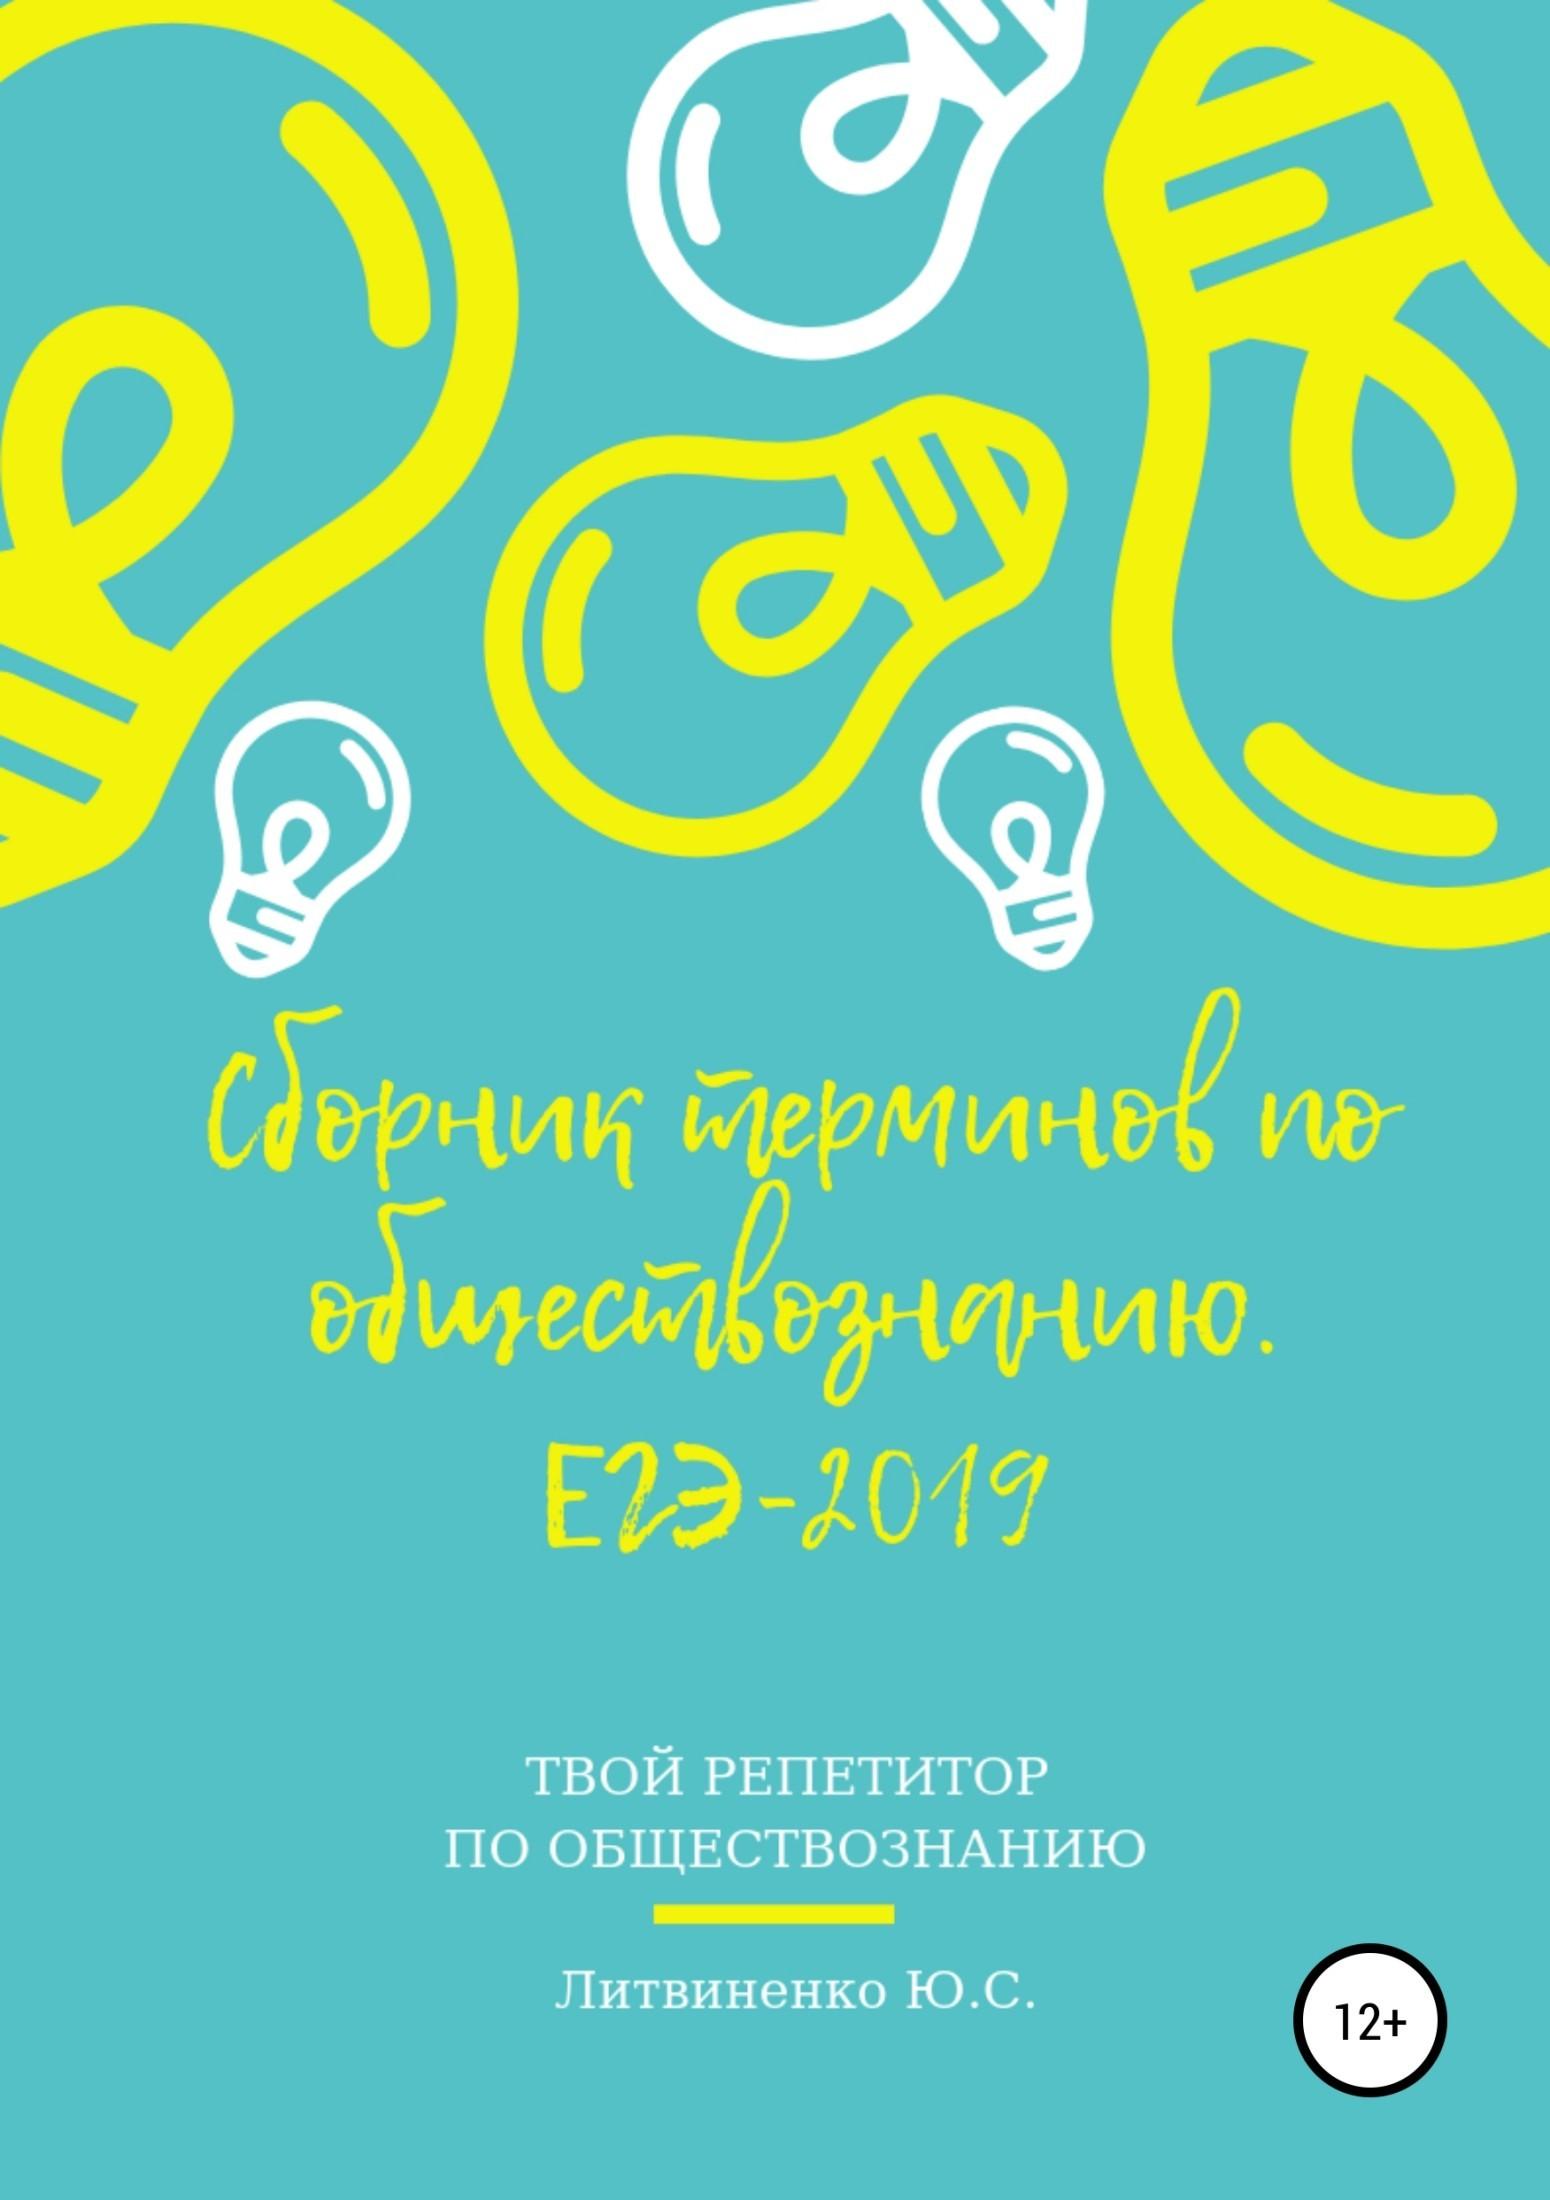 Сборник терминов по обществознанию. ЕГЭ-2019